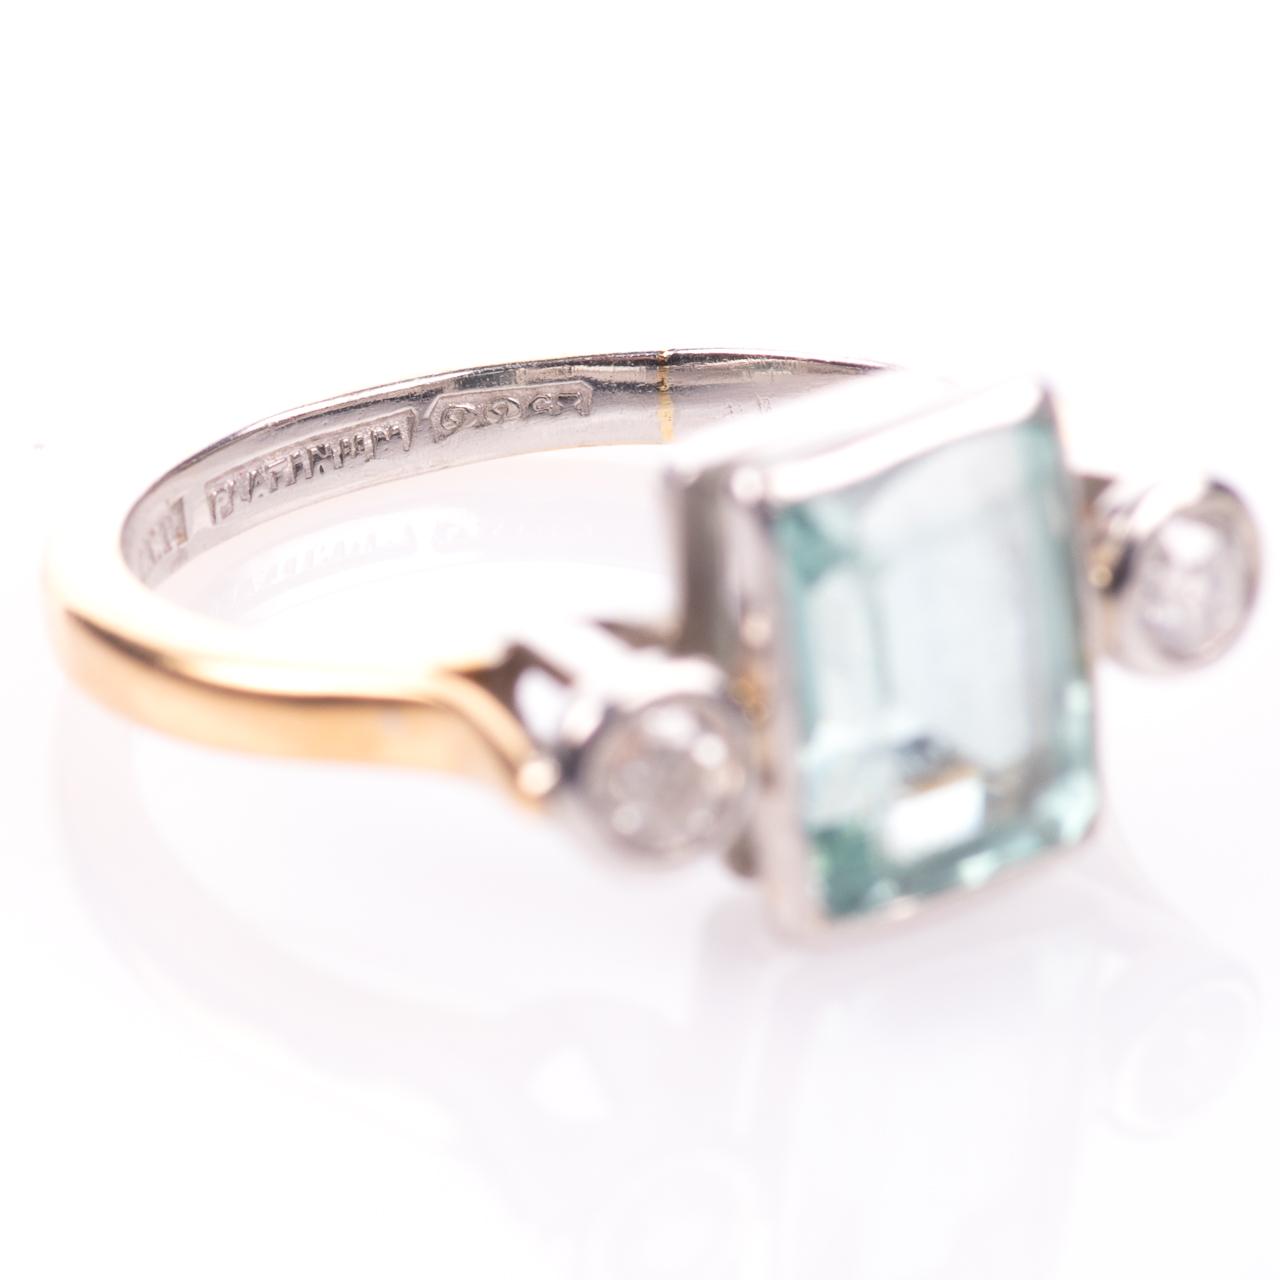 22ct Gold & Platinum 2ct Aquamarine & Diamond Art Deco Ring - Image 7 of 8